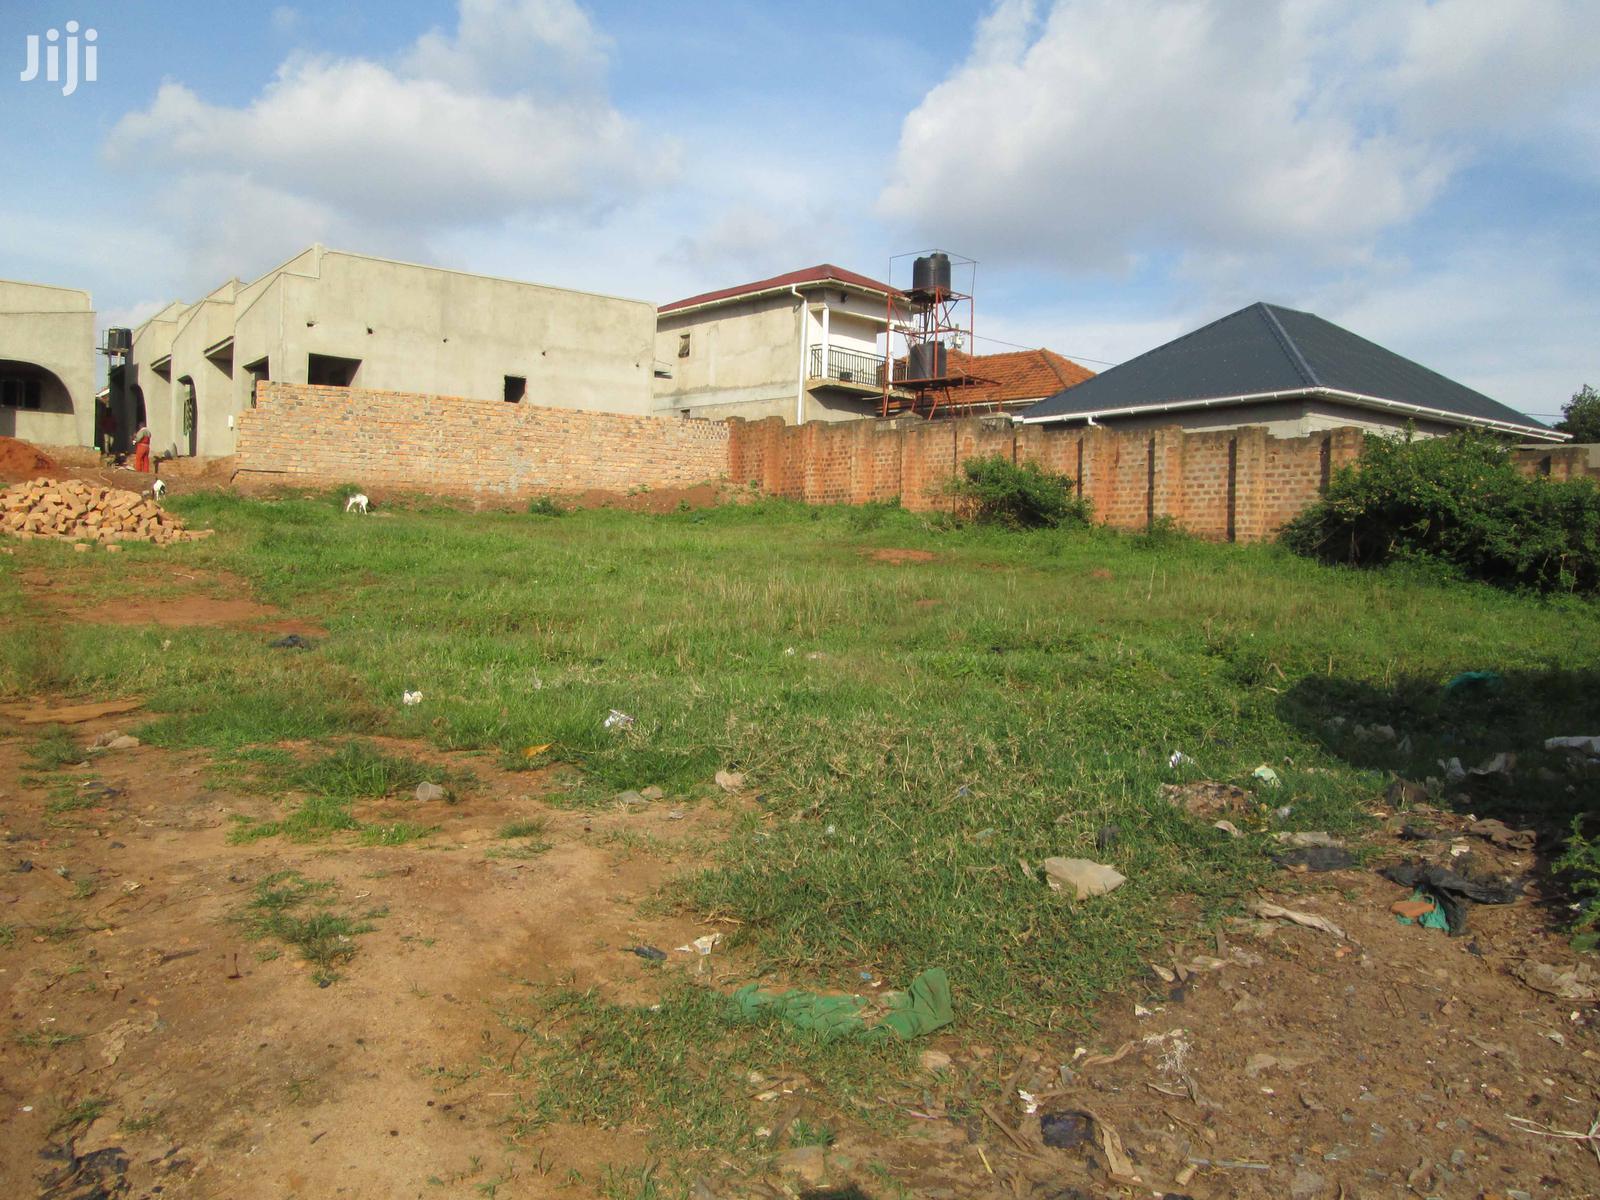 Land In Kavule Kirinya Along Bukasa Road For Sale | Land & Plots For Sale for sale in Kampala, Central Region, Uganda